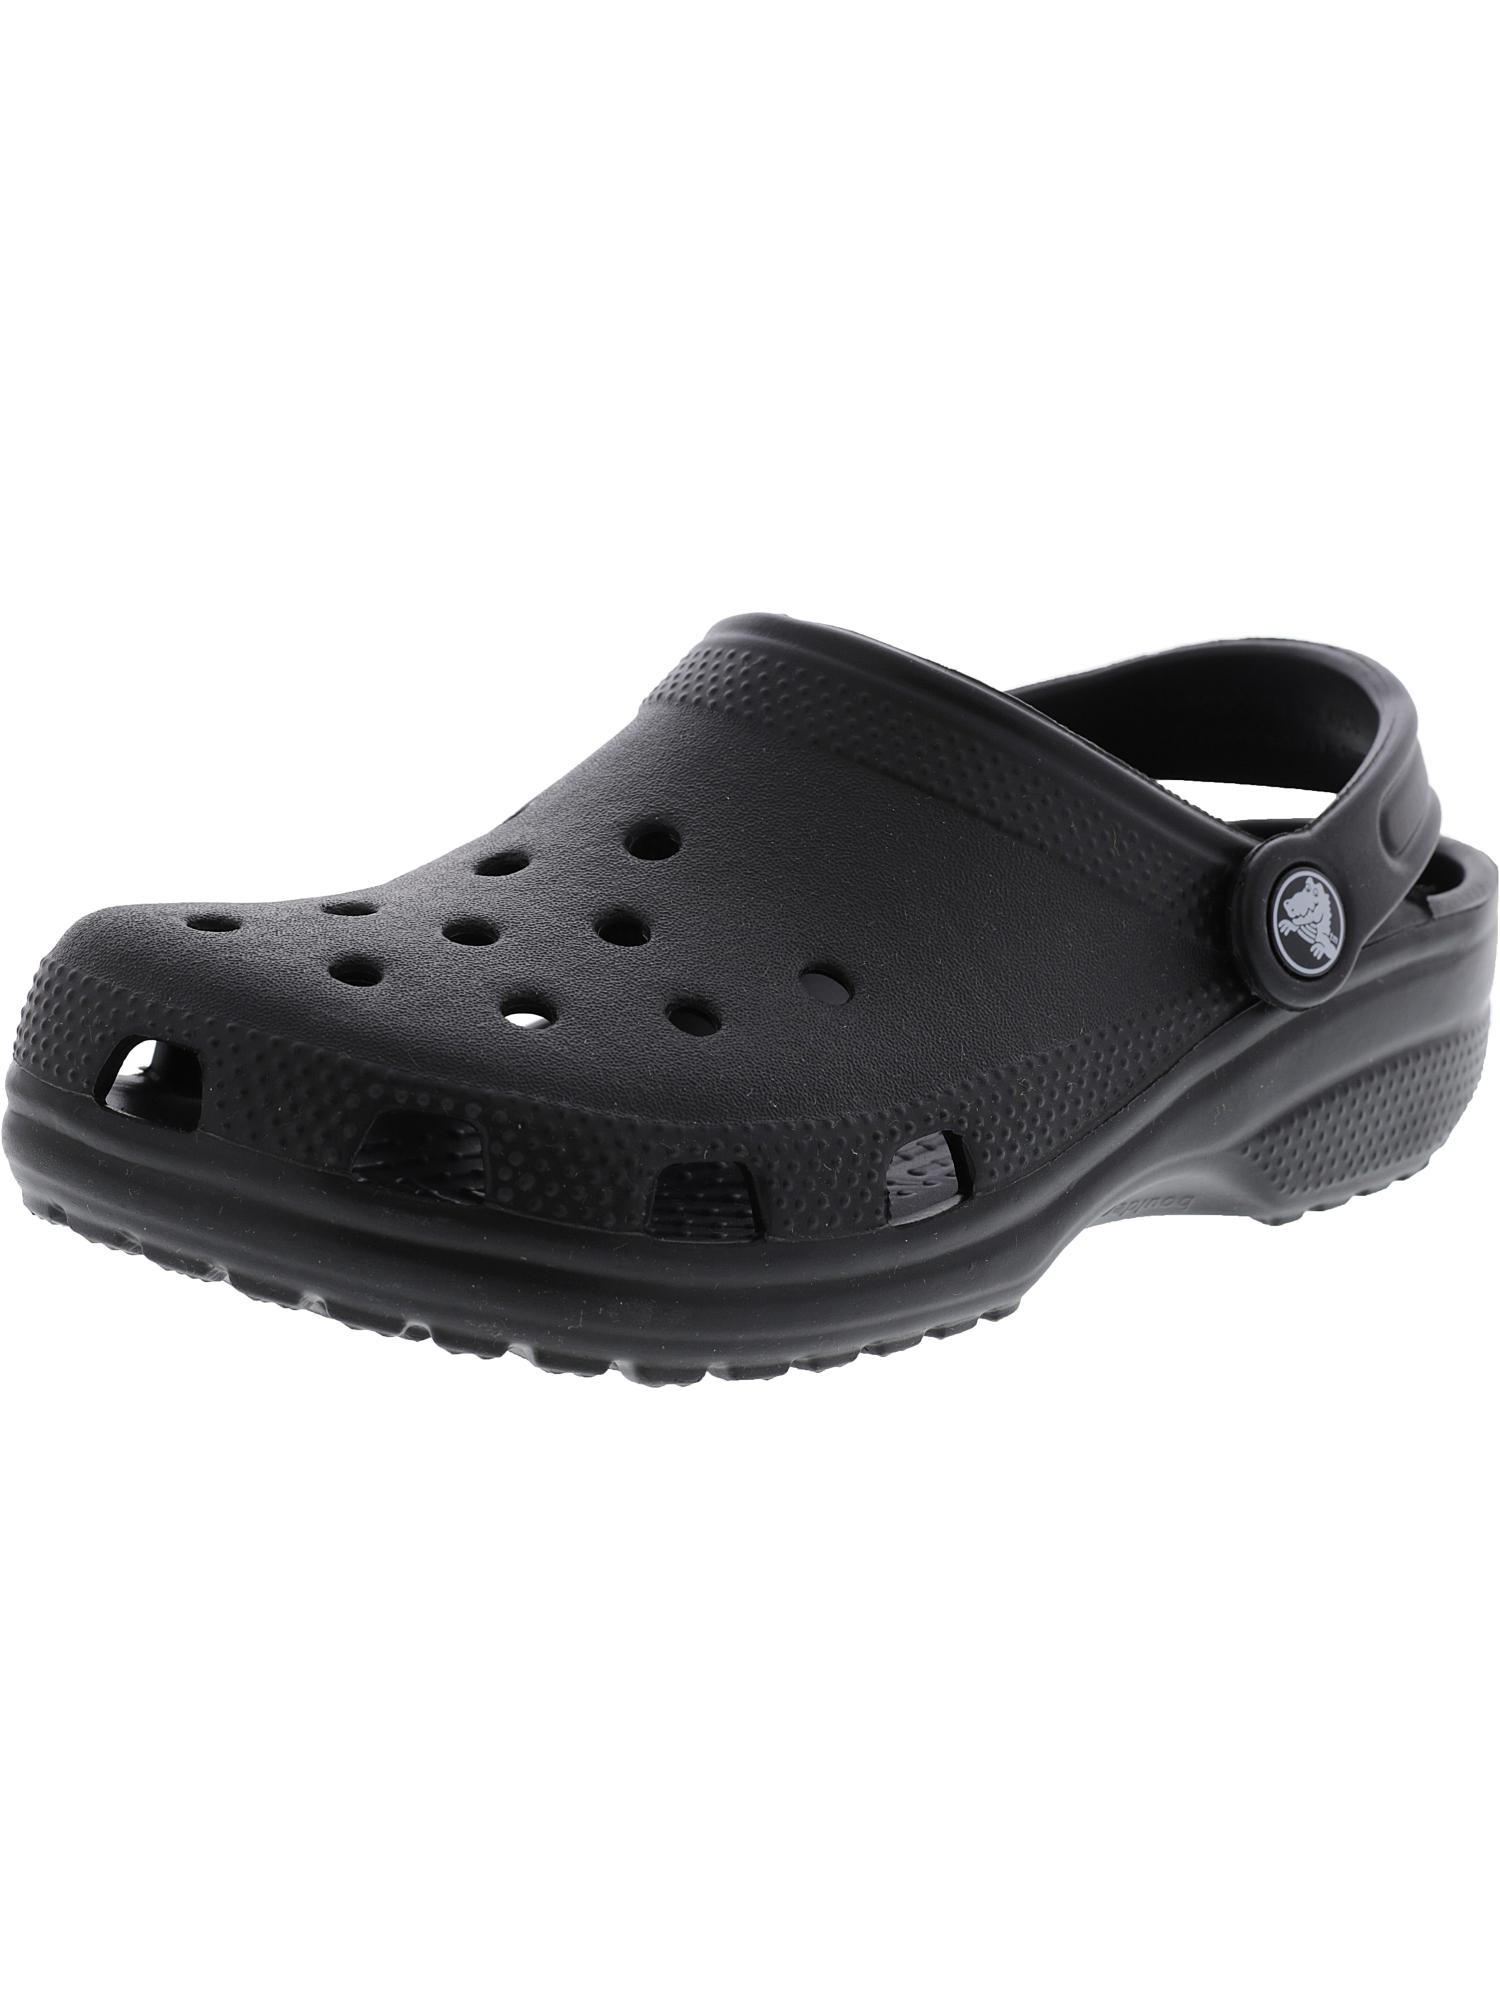 Crocs-Classic-Clog-Ltd-Clogs thumbnail 9